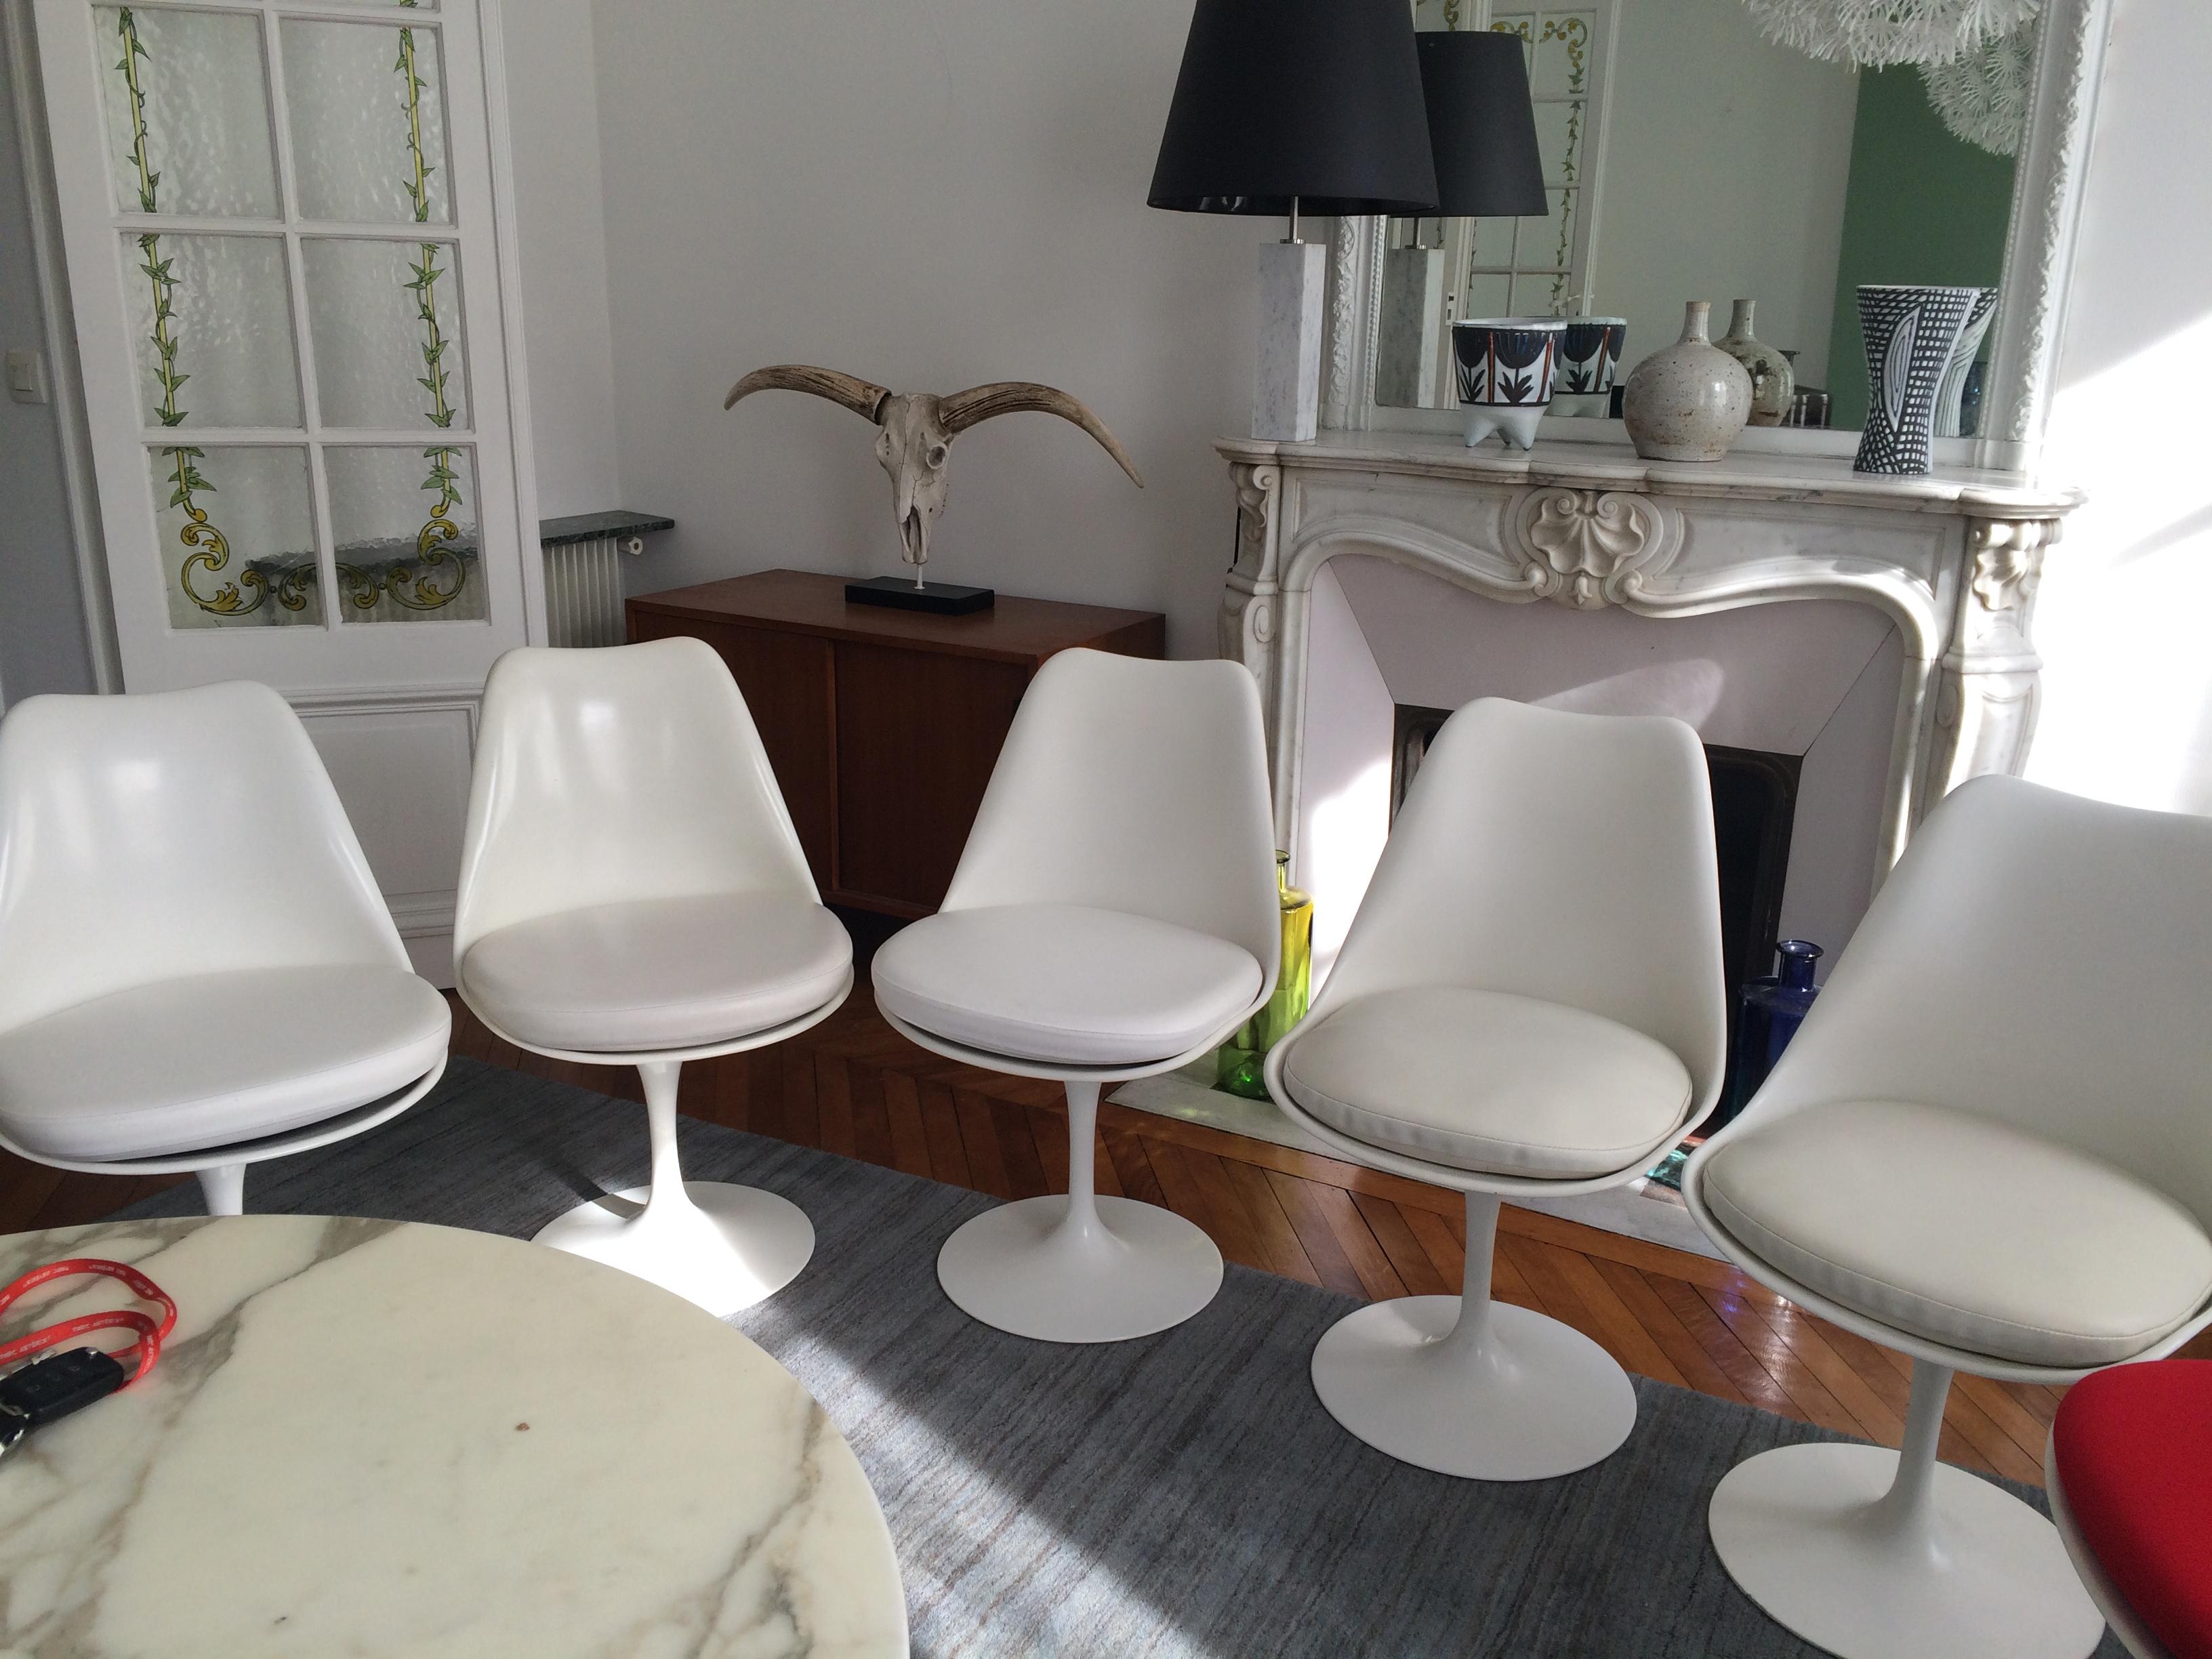 chaises l 39 atelier 50 boutique vintage achat et vente. Black Bedroom Furniture Sets. Home Design Ideas